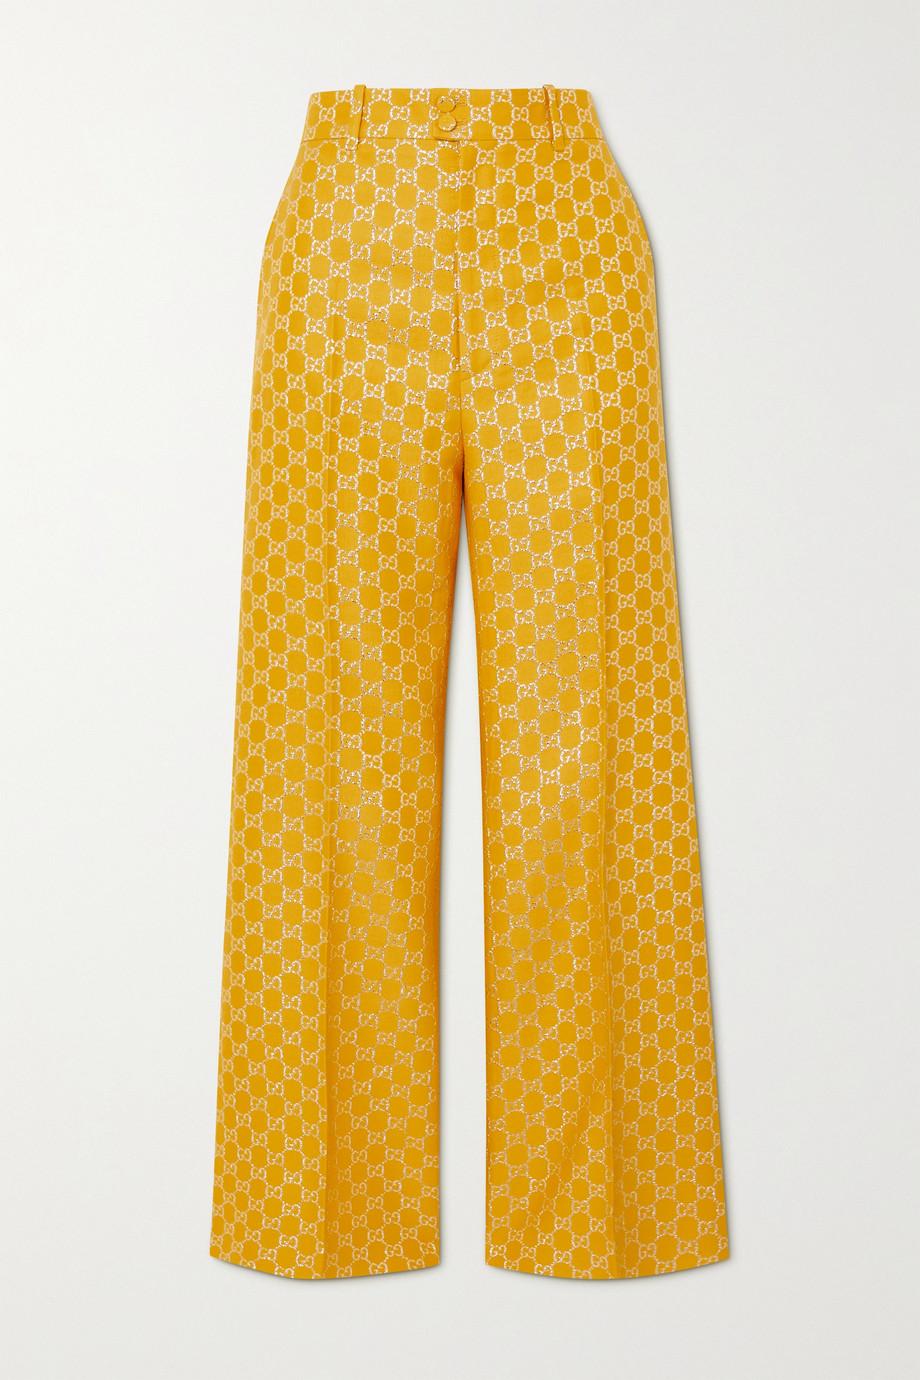 Gucci Hose mit weitem Bein aus Metallic-Jacquard aus einer Woll-Seidenmischung